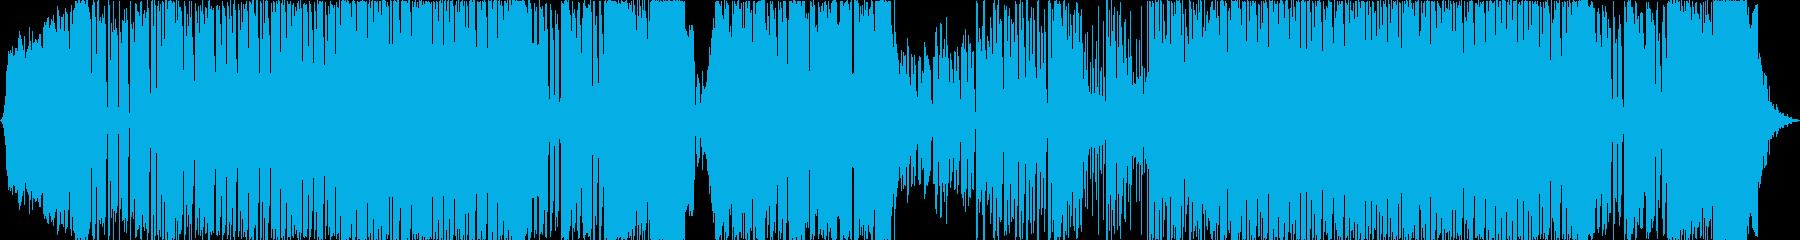 インパクト重視の攻撃的なEDMの再生済みの波形